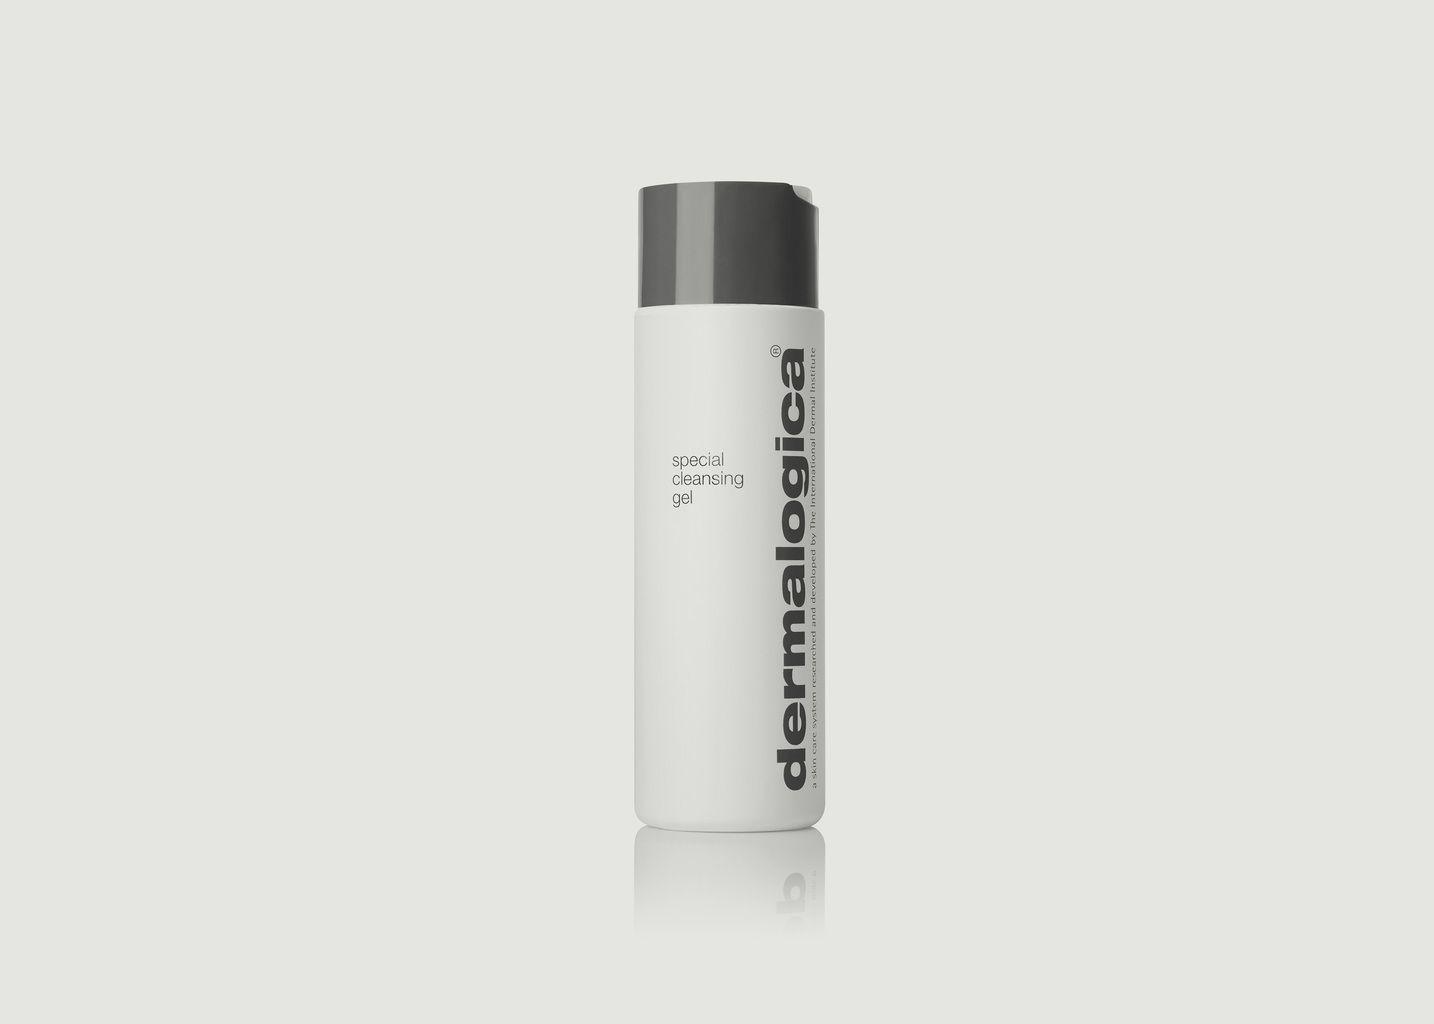 Special cleansing gel 250ml - Dermalogica